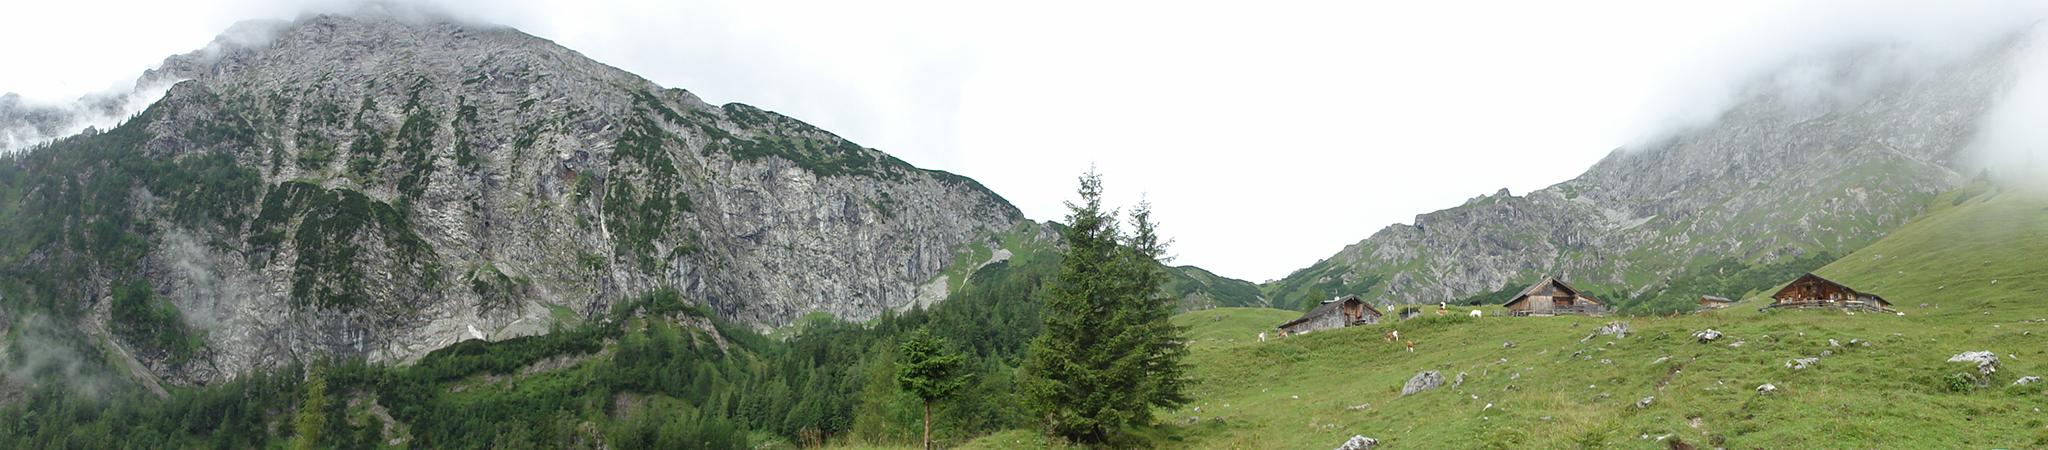 Arnoweg: Die Almhütten der Oberen Jochalm unter dem Schneibstein